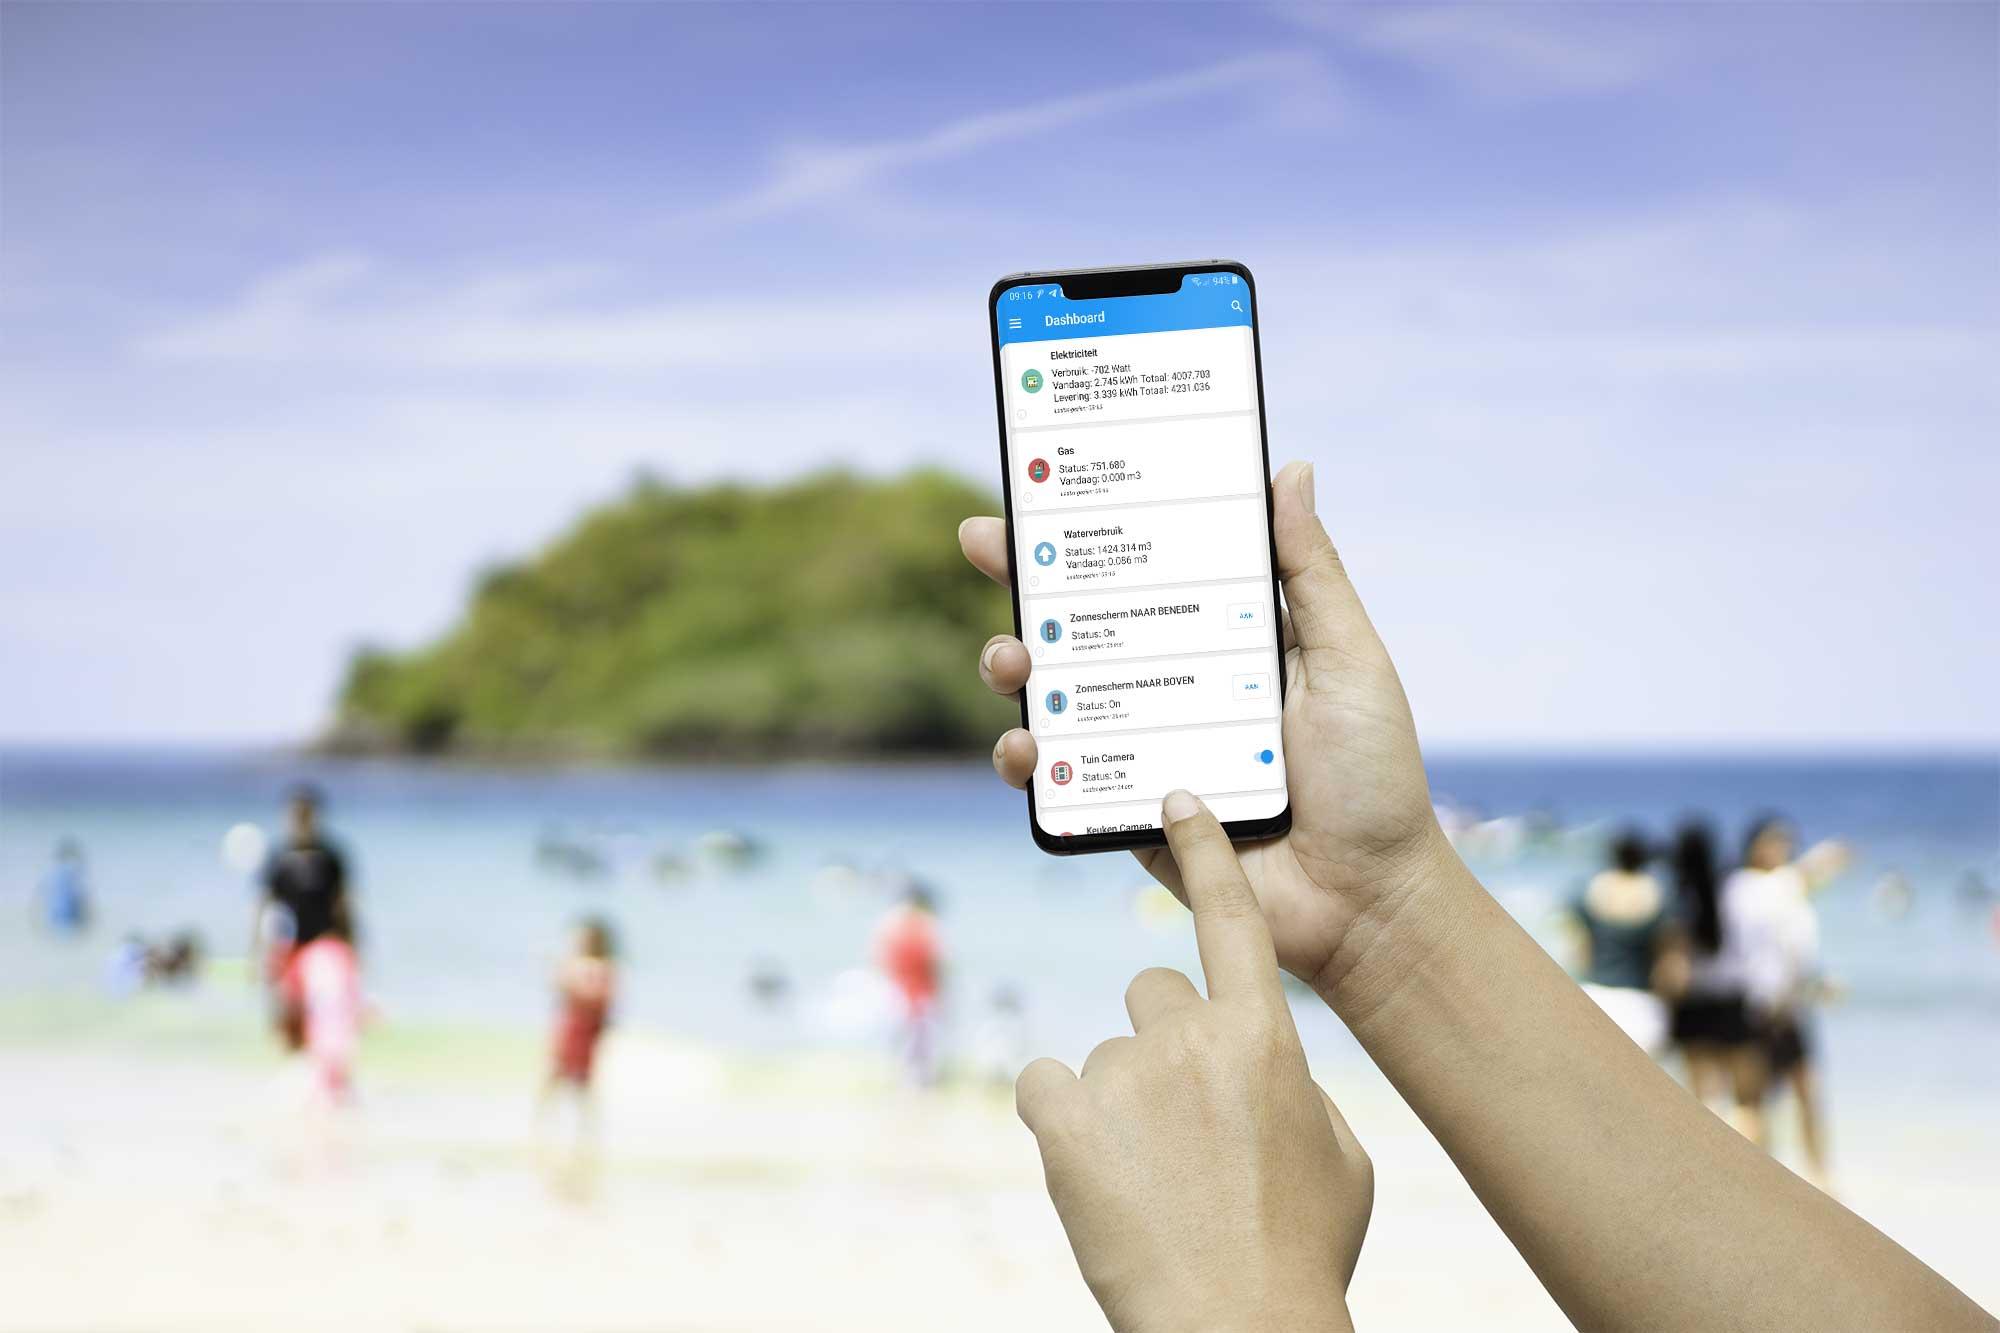 Hand met smartphone/Domoticz op het strand